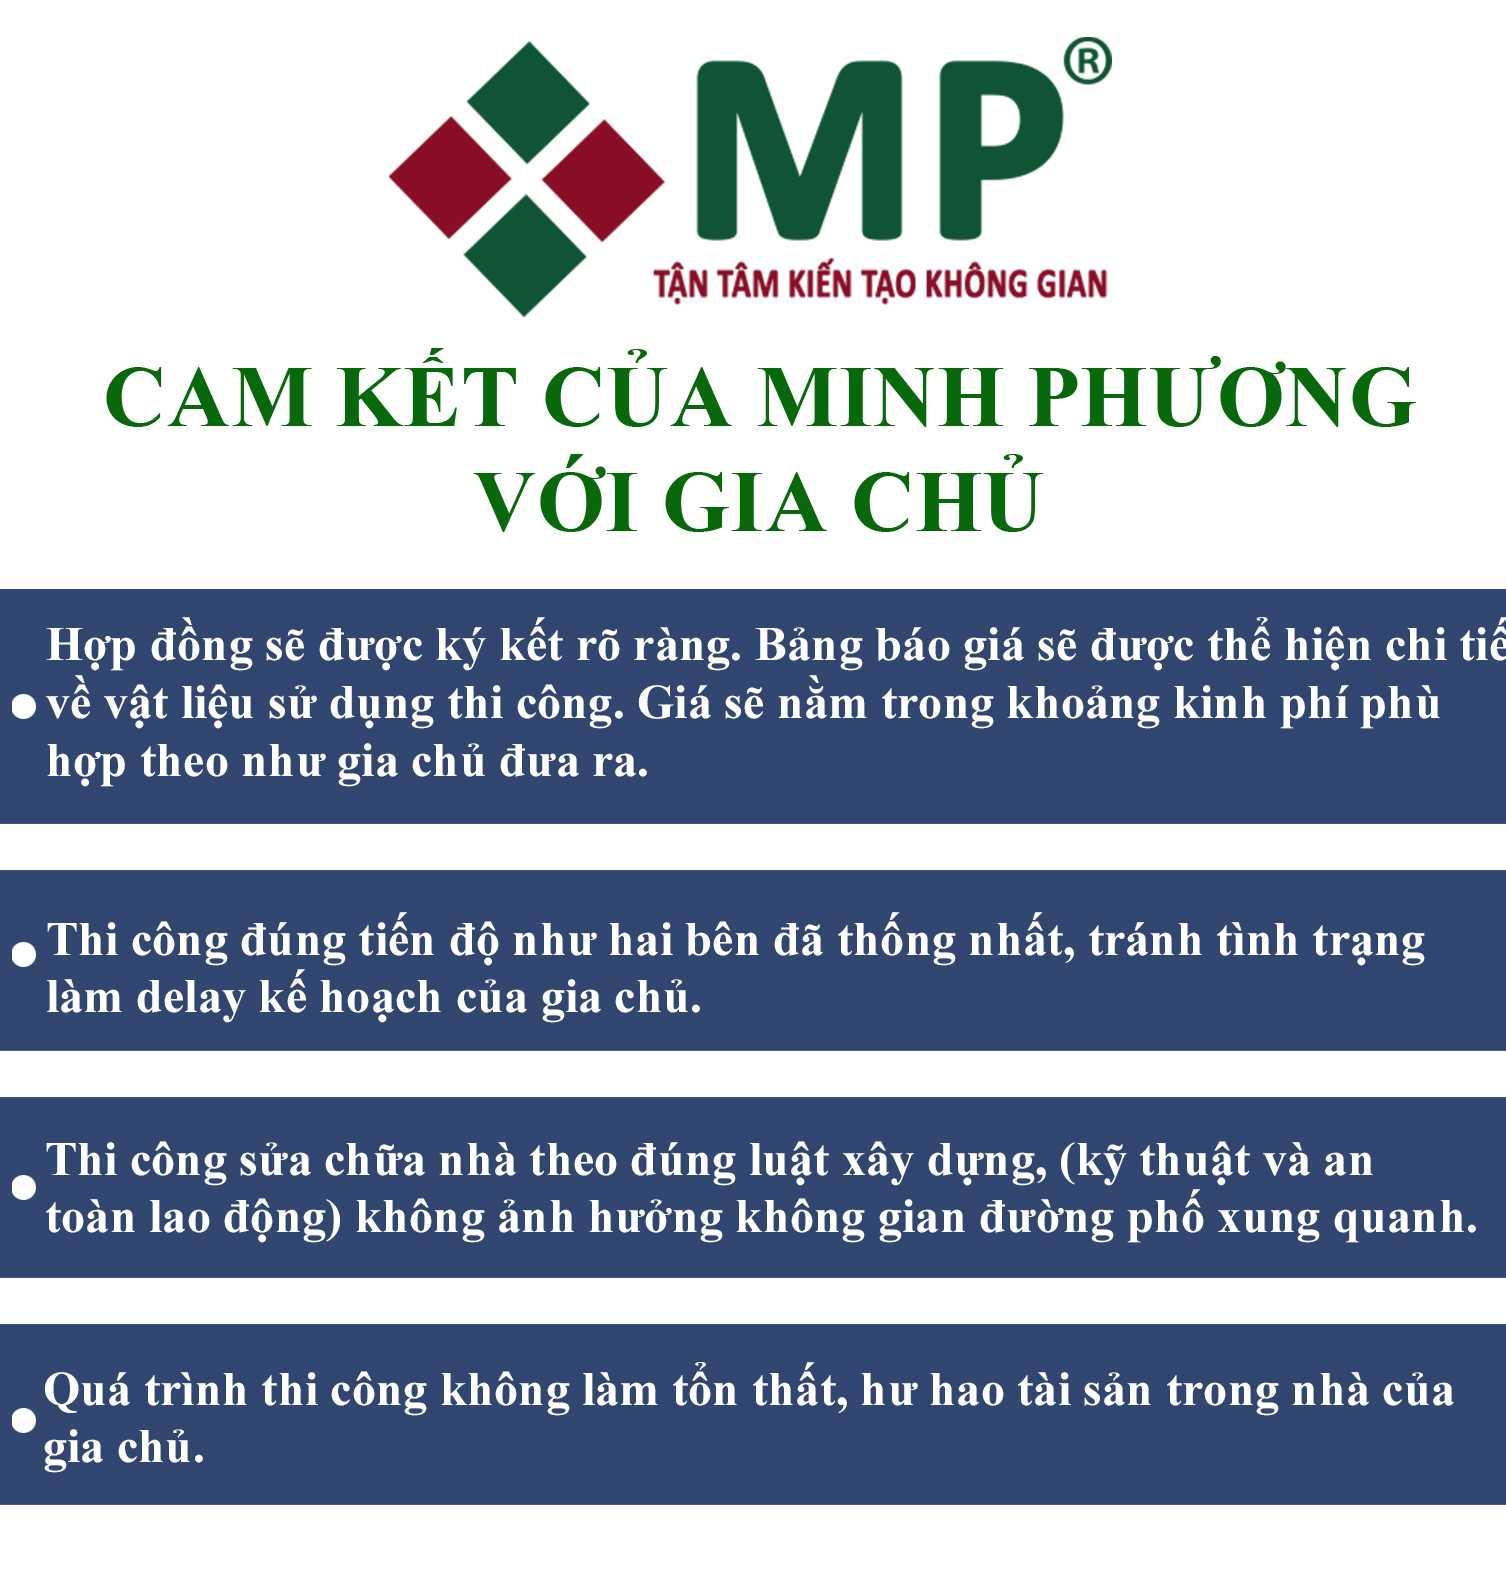 Công ty sửa chữa nhà quận Bình Tân trọn gói